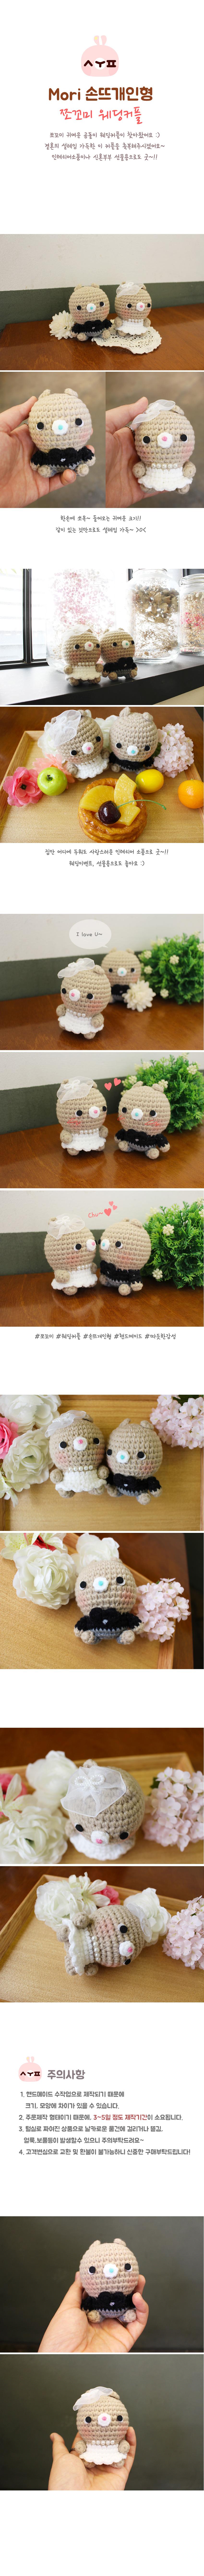 손뜨개인형 - 쪼꼬미 토끼웨딩커플 세트 - 캐릭터타운, 52,500원, 뜨개질, 기타 패키지